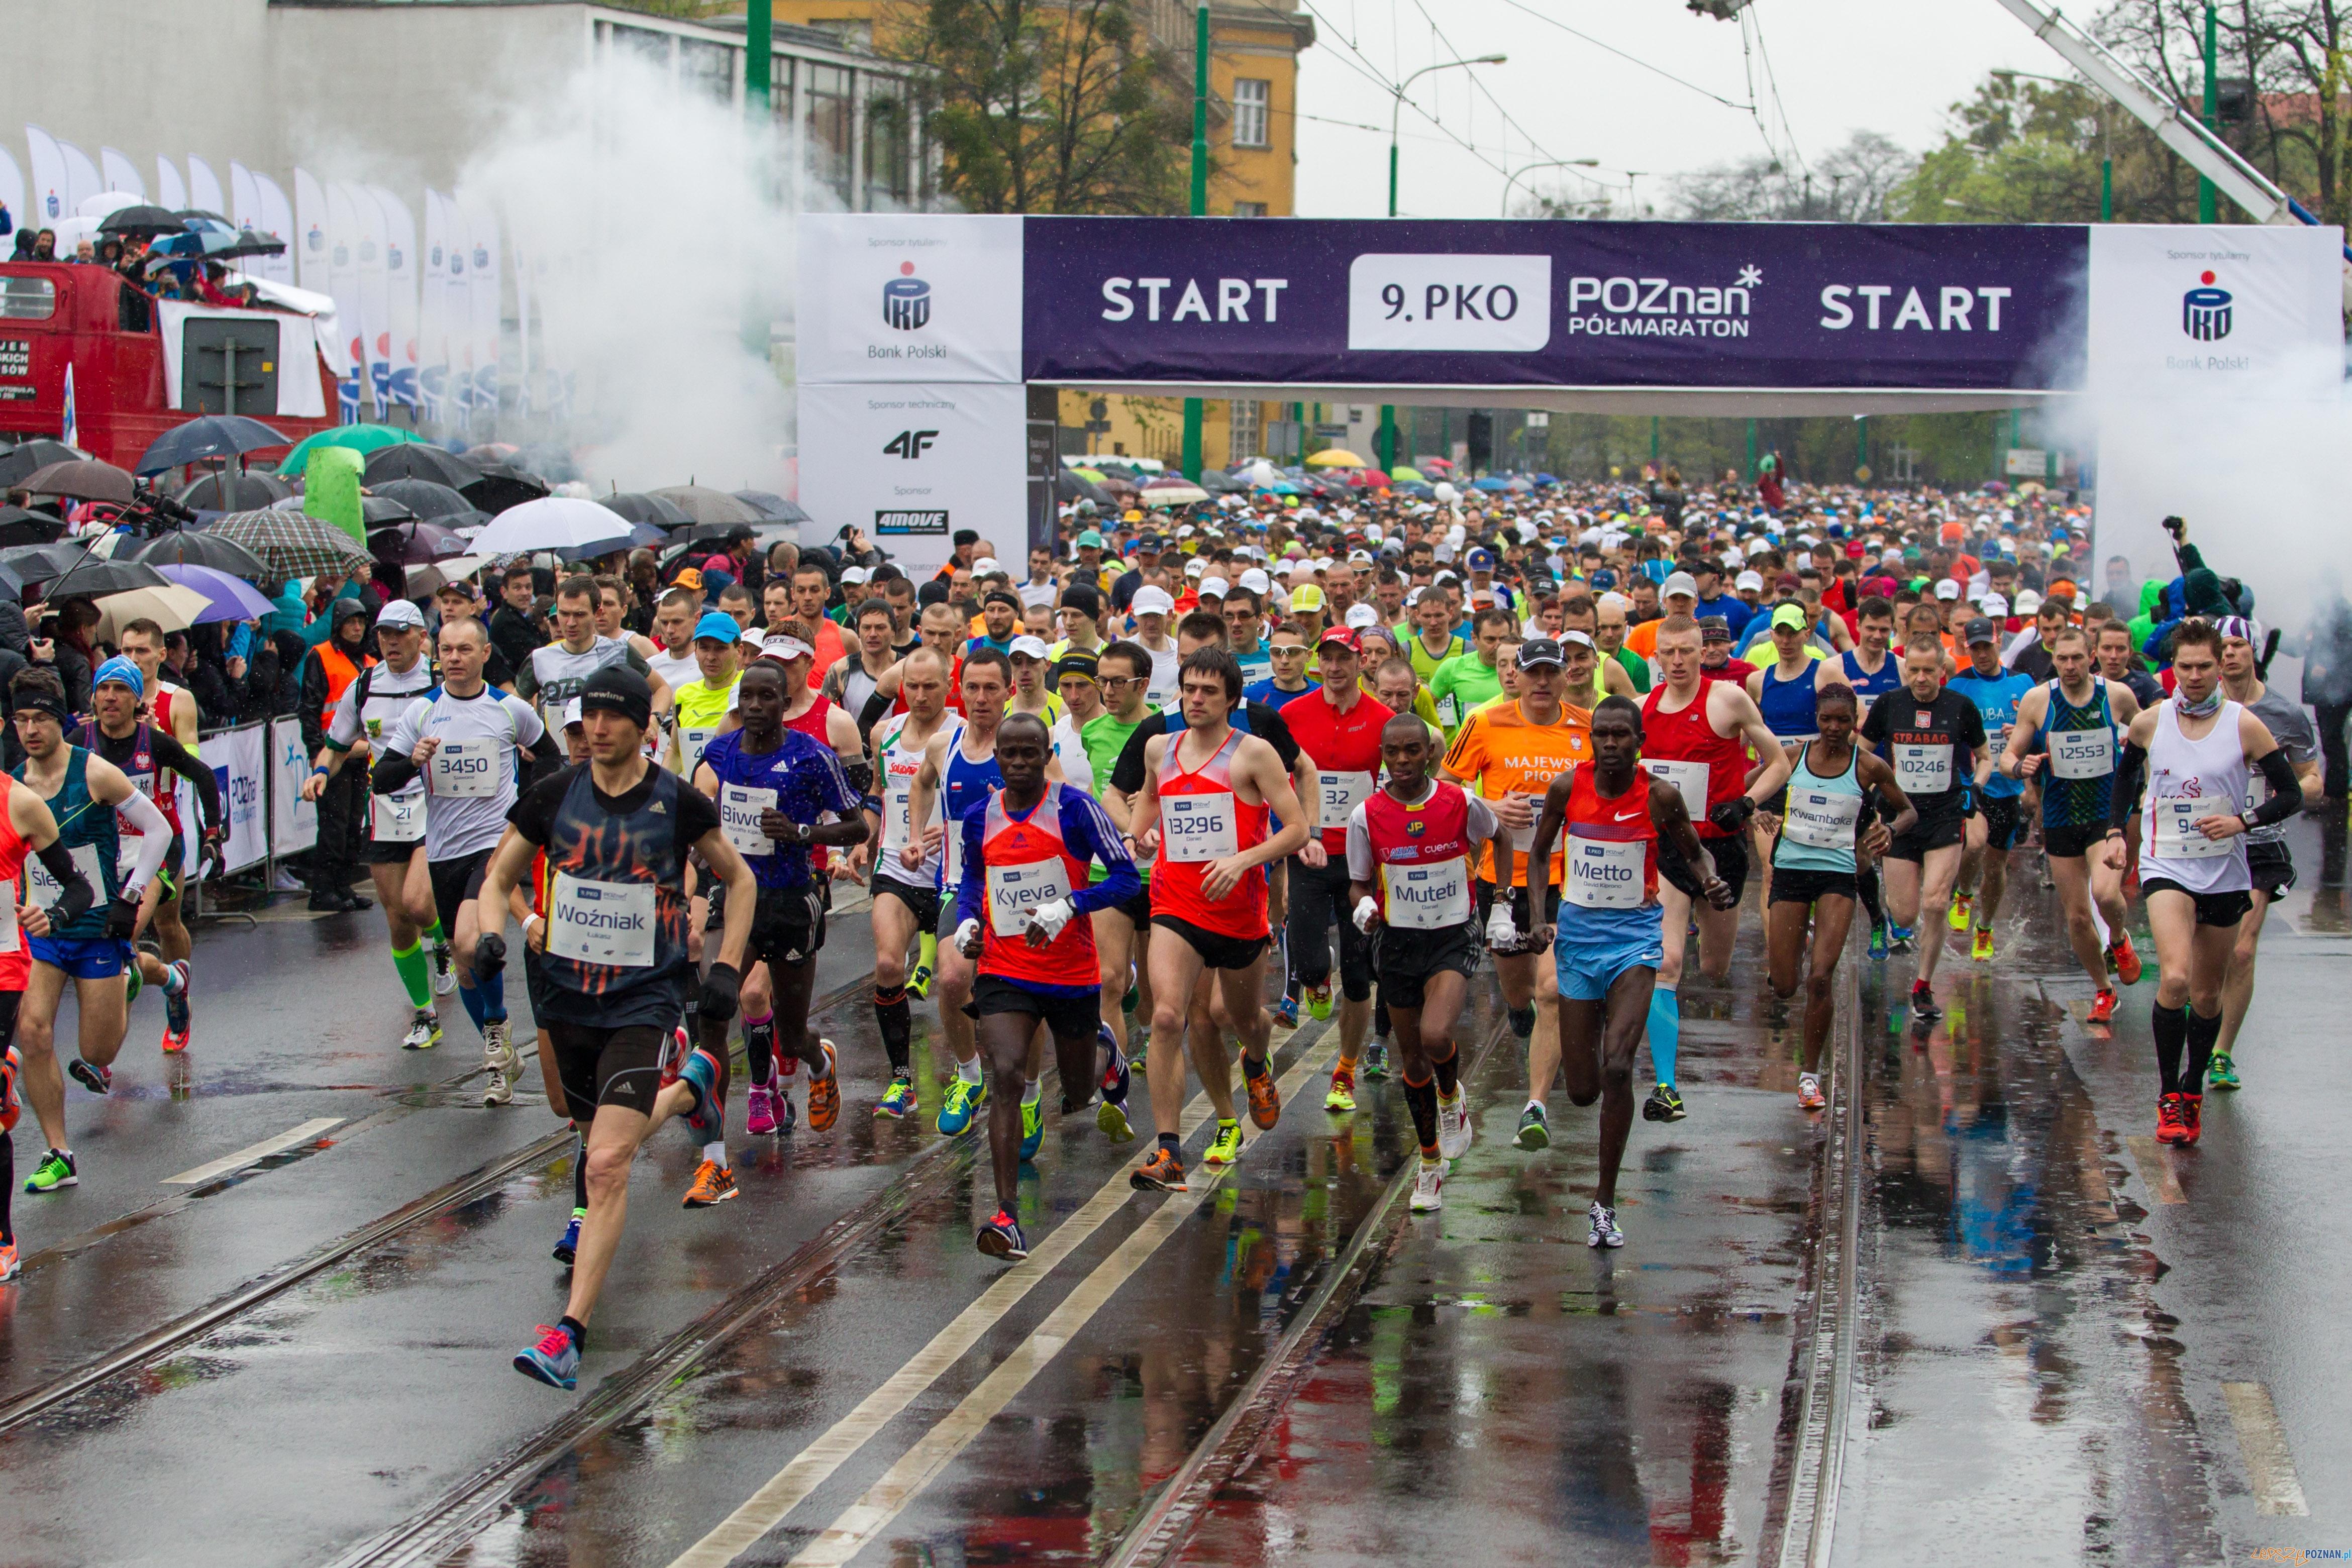 Półmaraton  Foto: Jakub Kaczmarczyk / POSiR